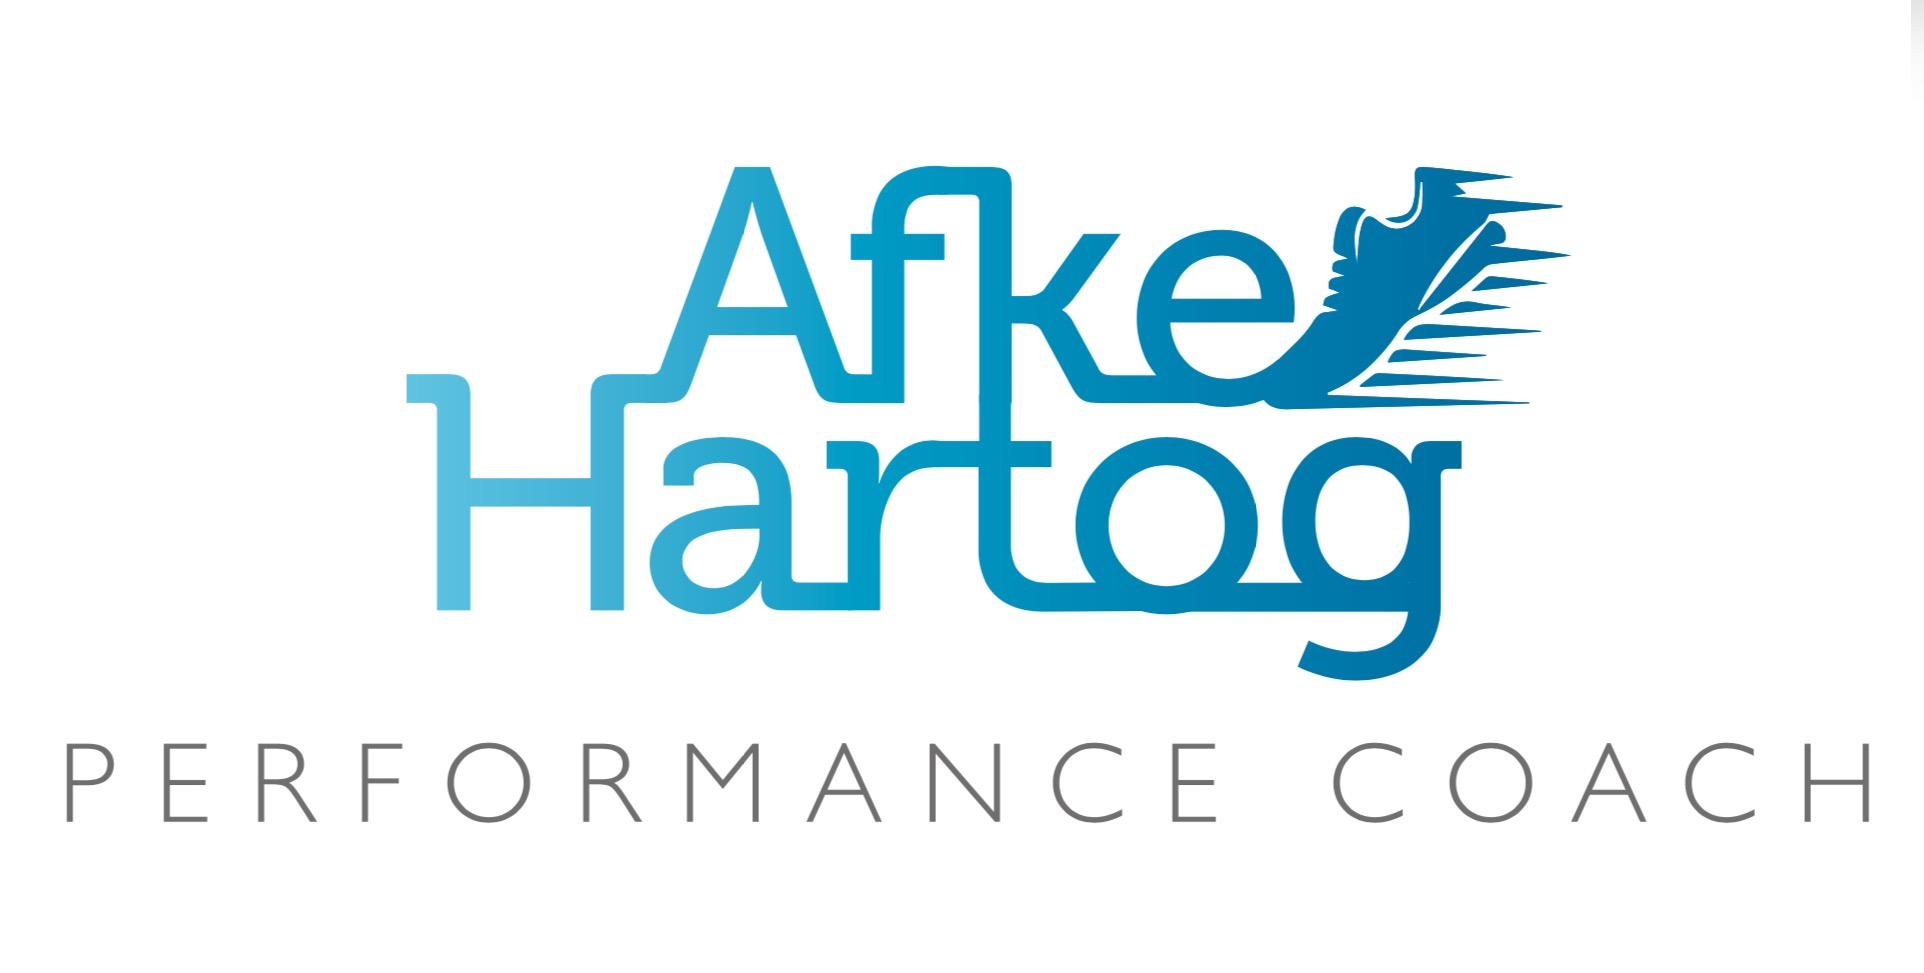 Afke Hartog